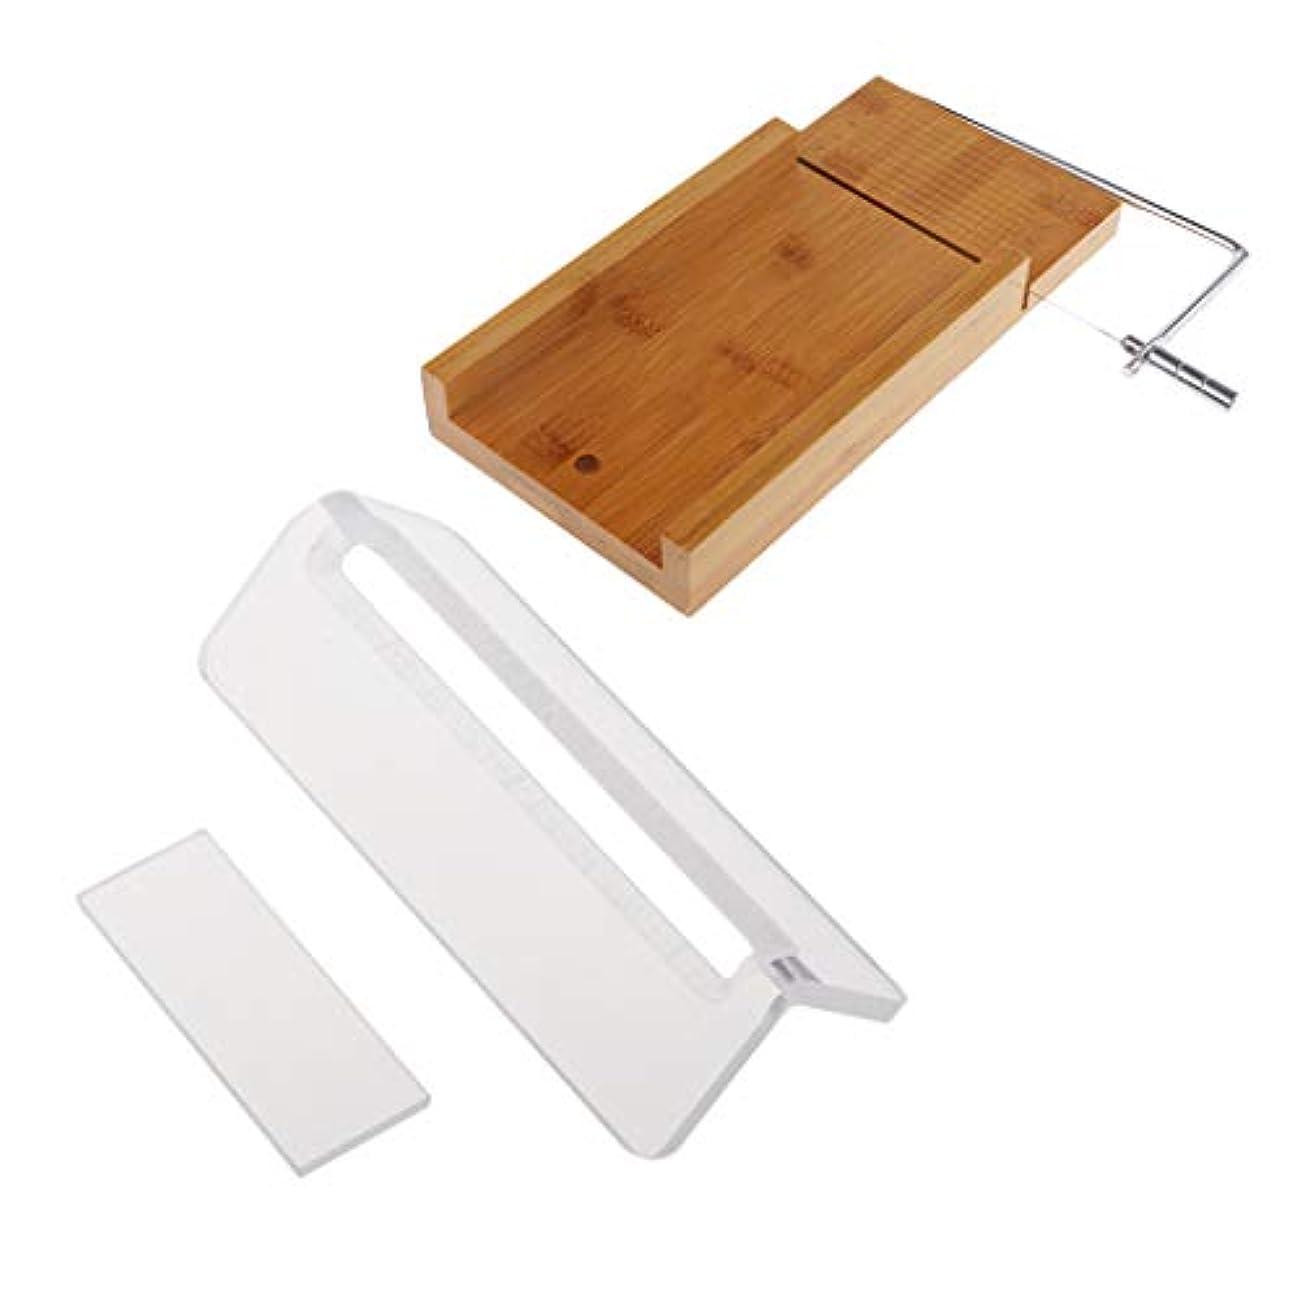 北へ熟達した部分的ローフカッター 木製 ソープ包丁 石鹸カッター 手作り石鹸 DIY キッチン用品 2個入り